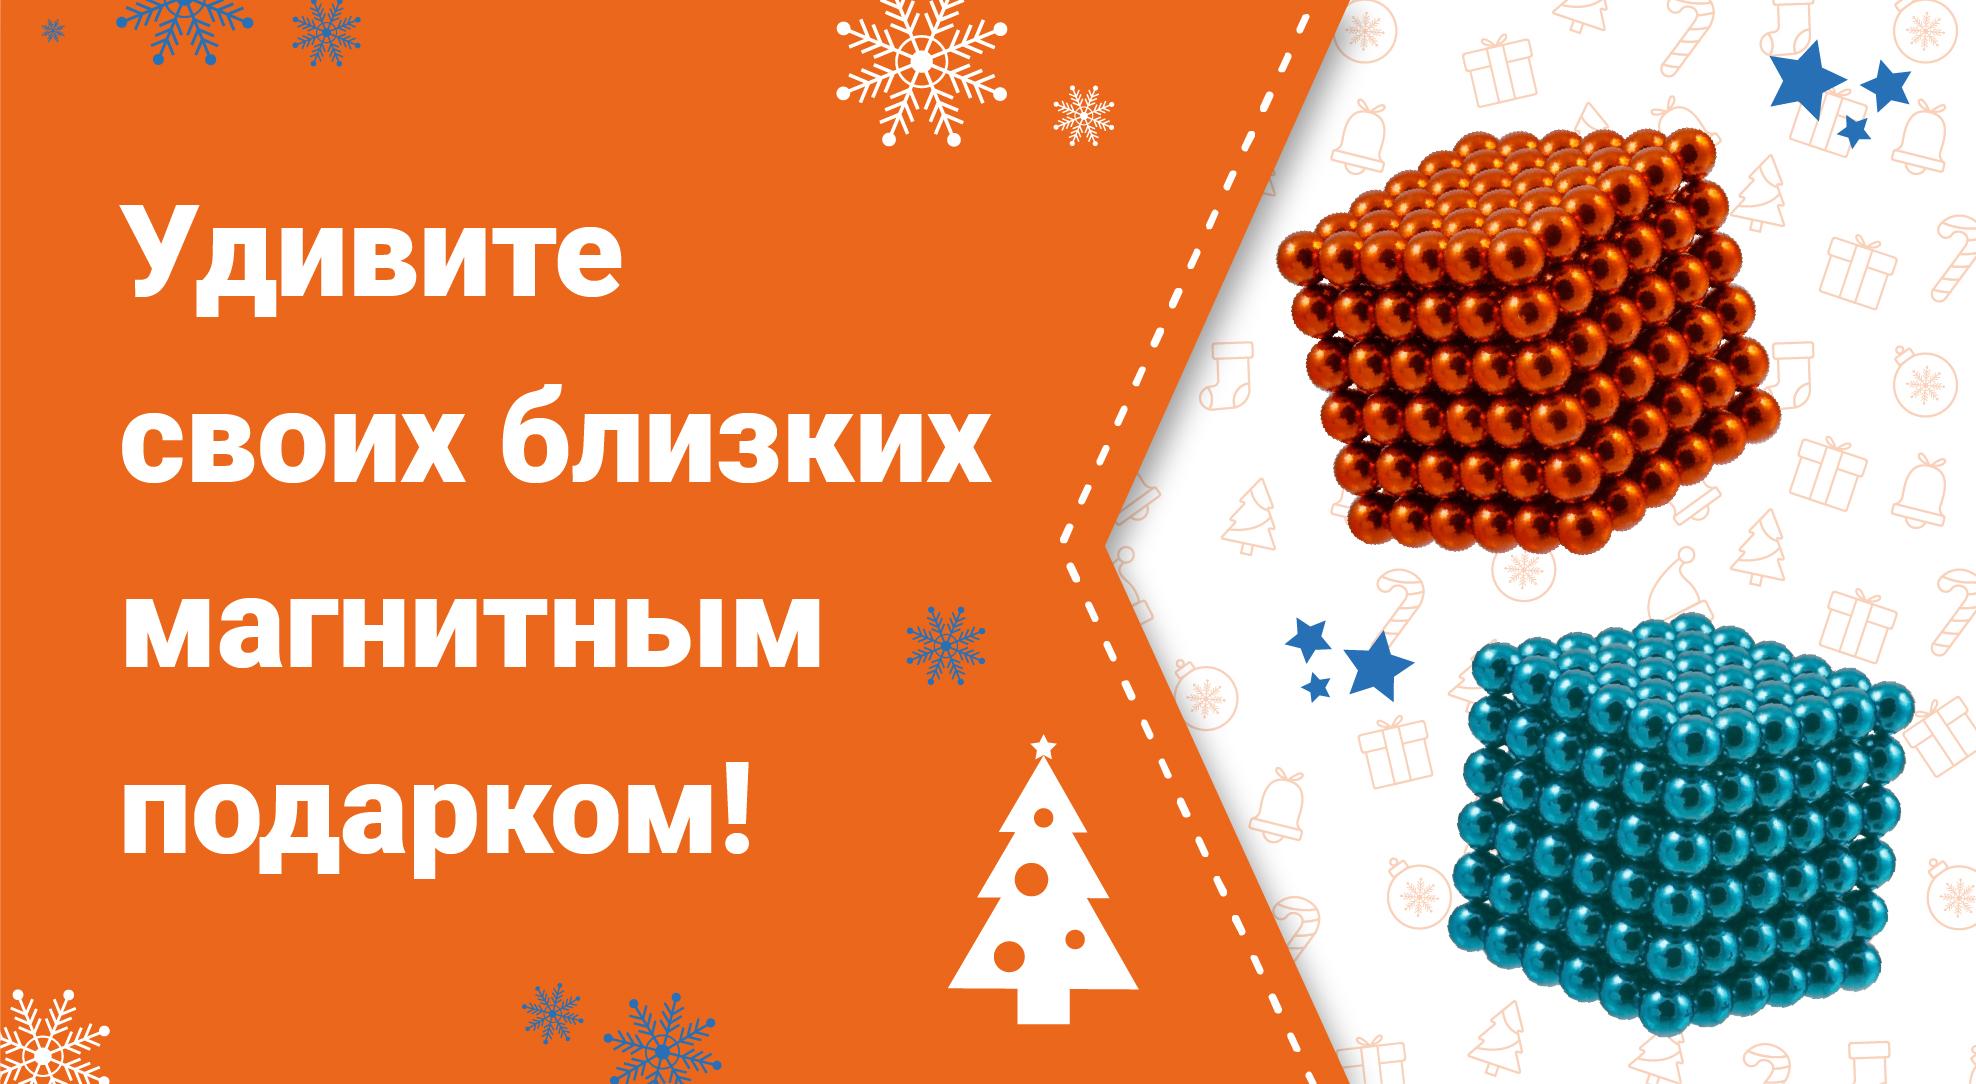 Удивите своих близких магнитным подарком!